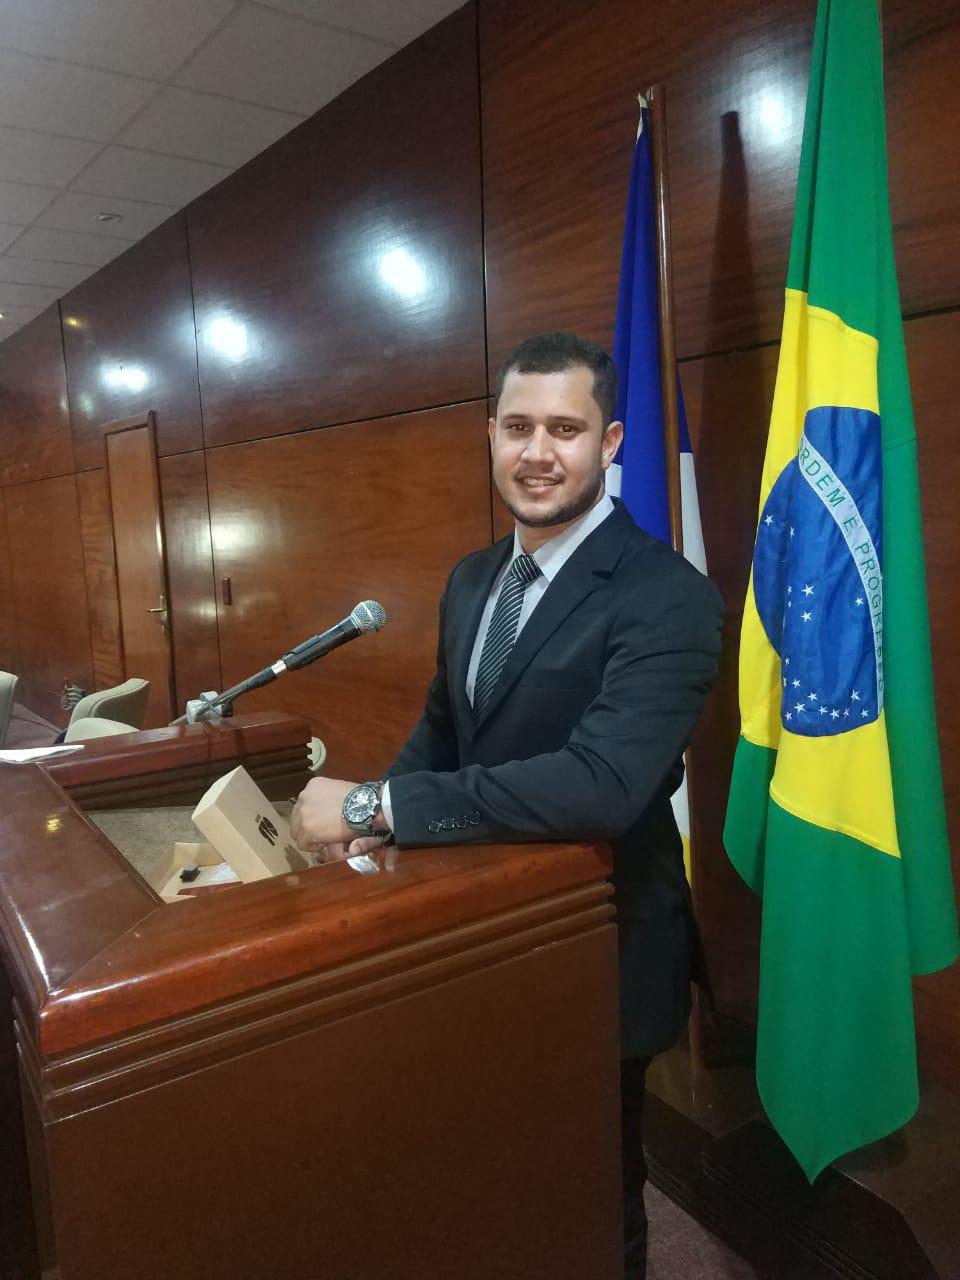 Advogado Victor Carvalho